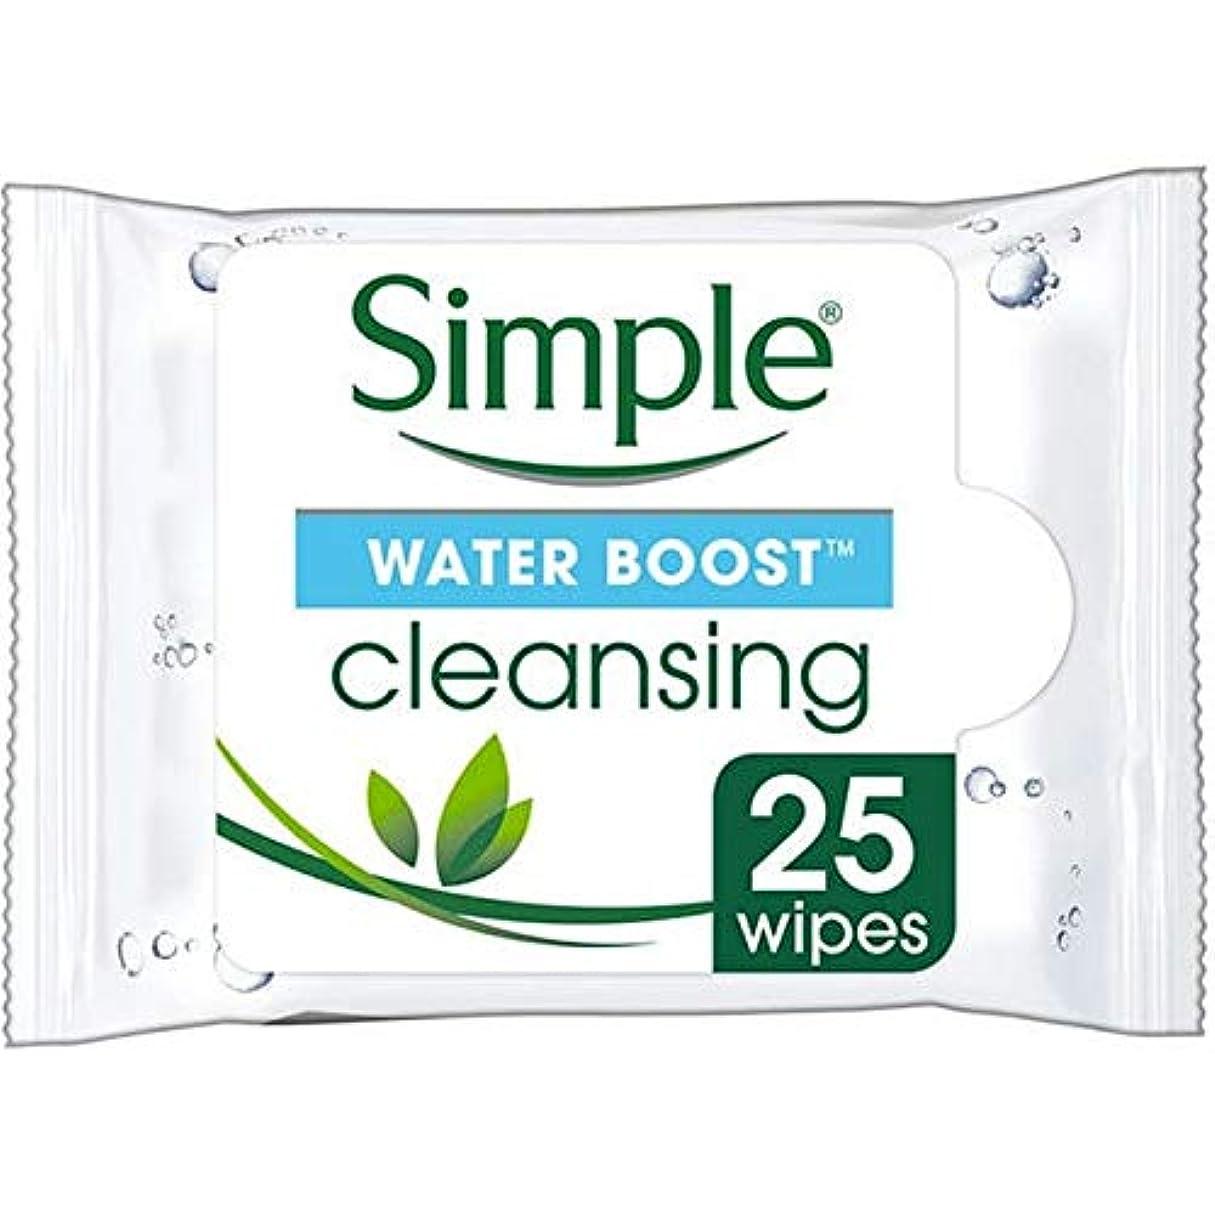 恐怖仲介者ミット[Simple ] シンプルな水ブースト面はX25をワイプ - Simple Water Boost Face Wipes X25 [並行輸入品]